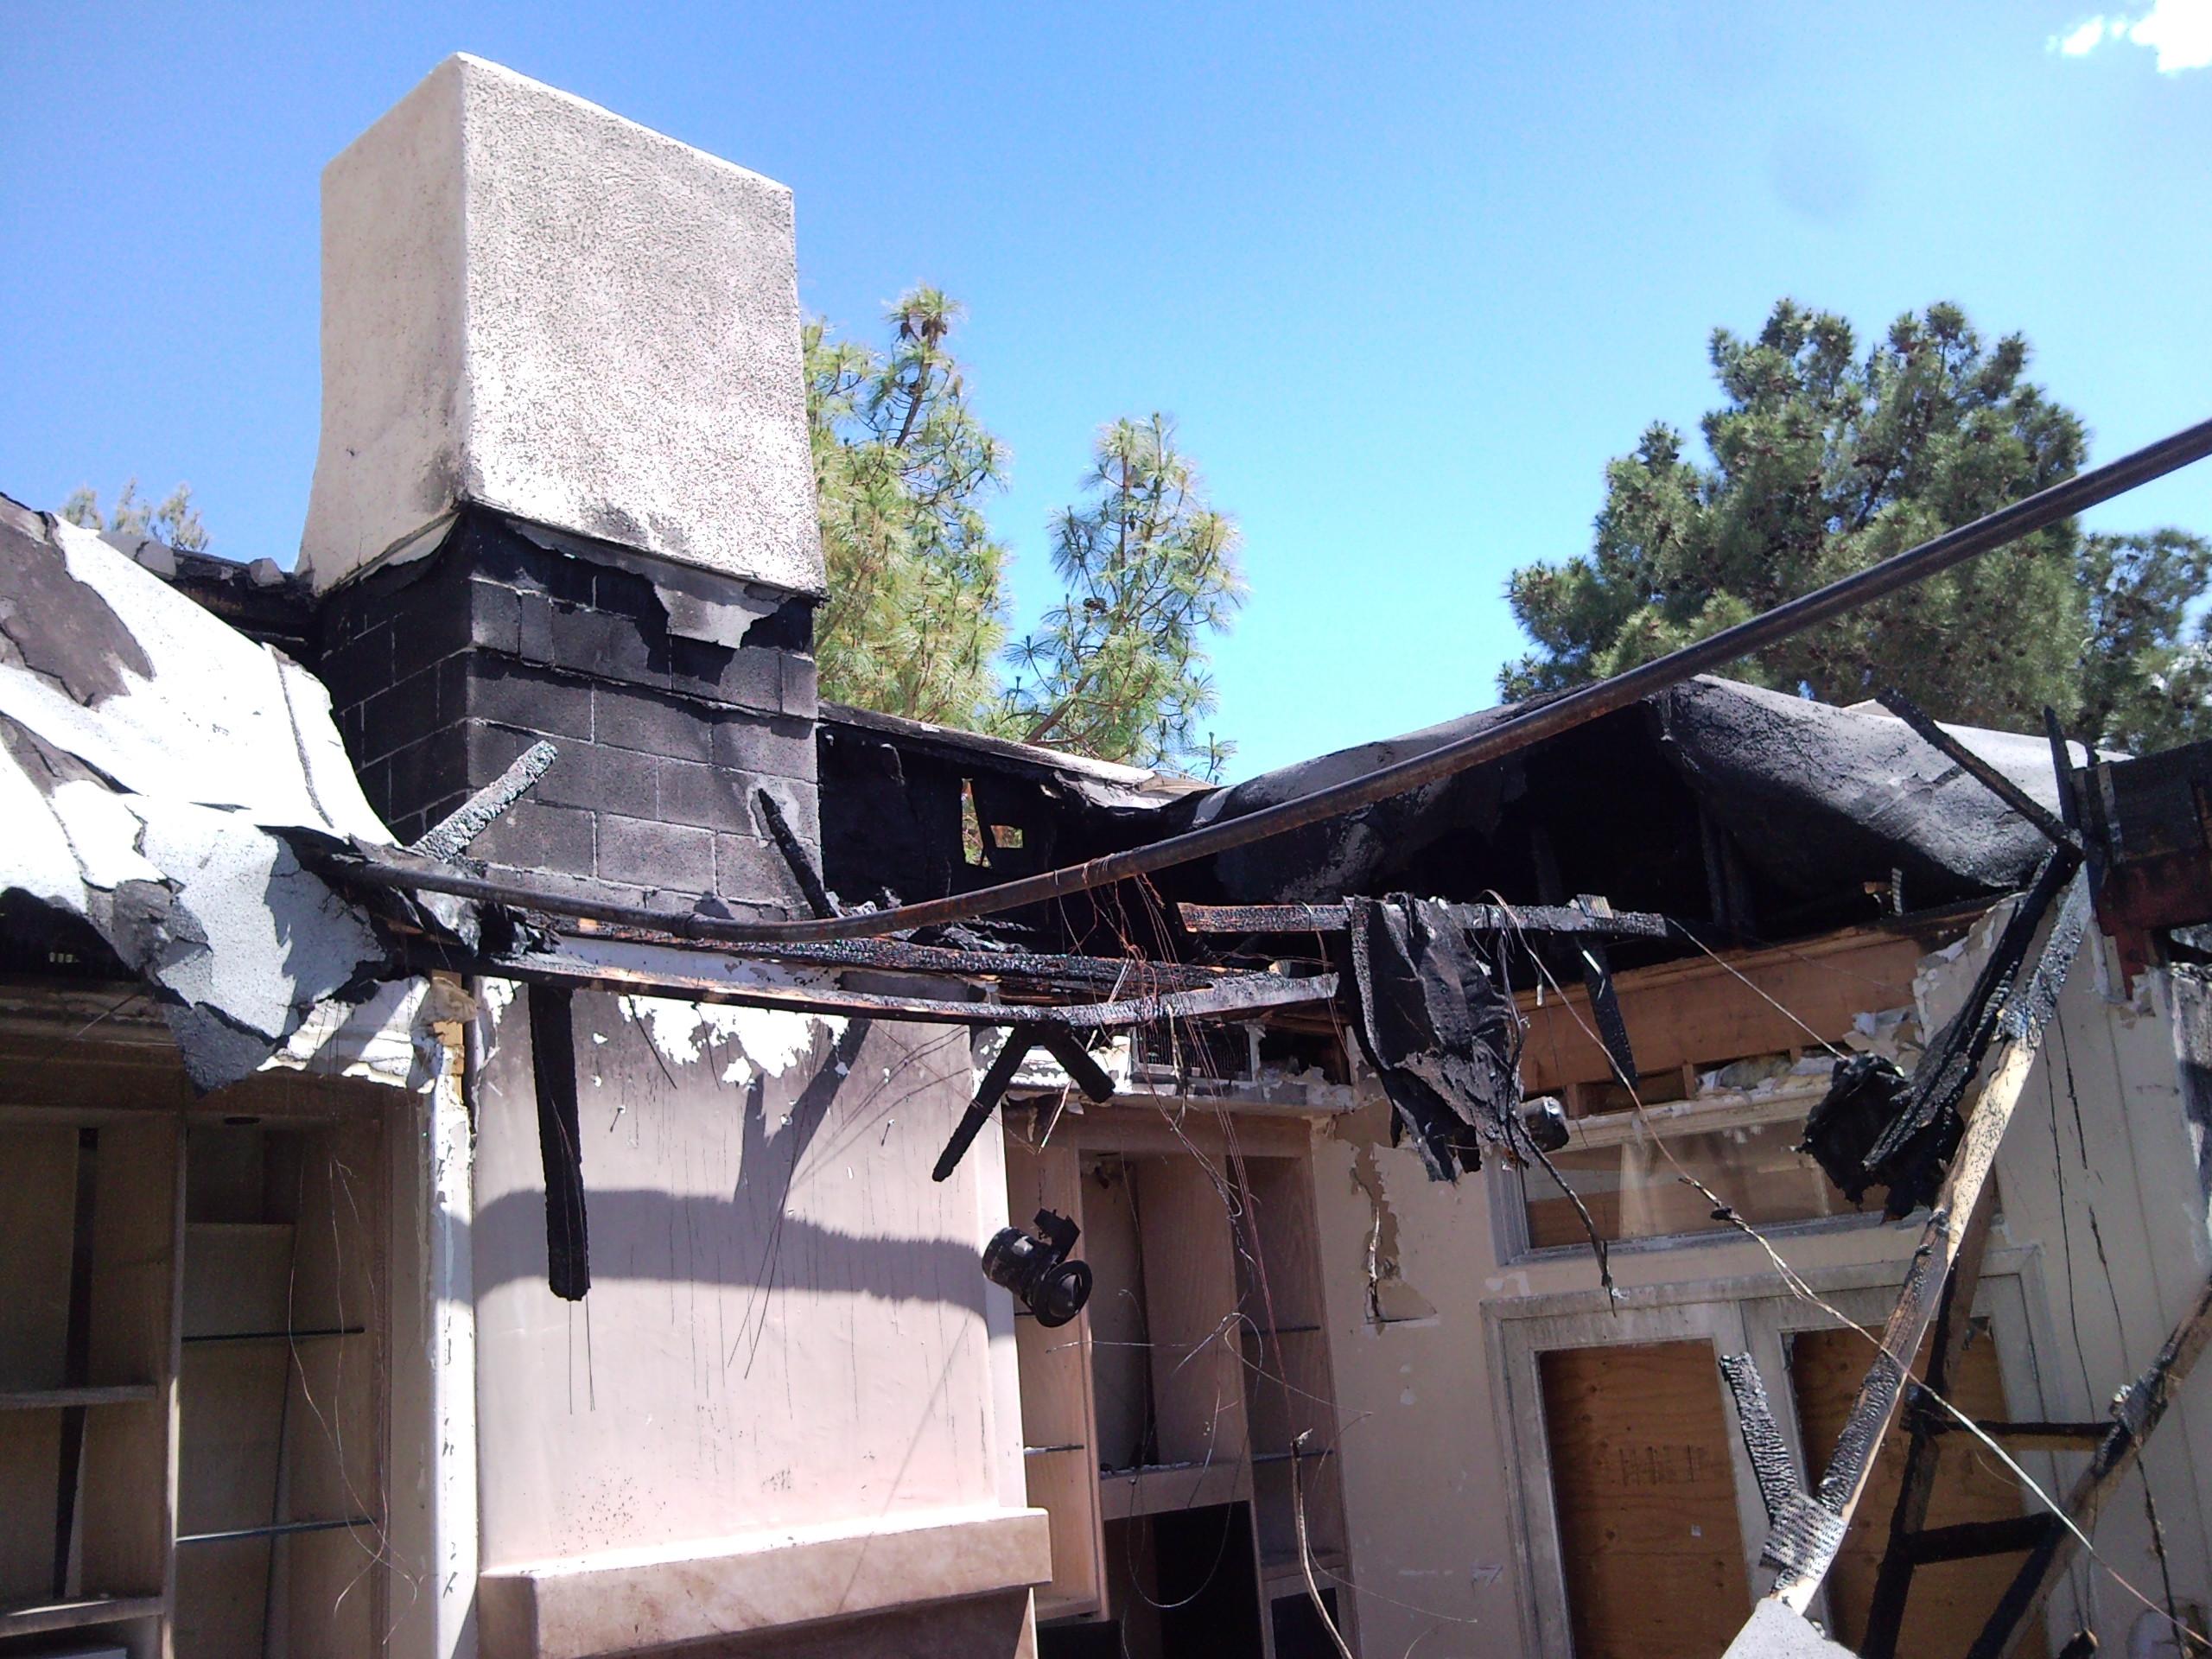 Fire Damage Assessment 2